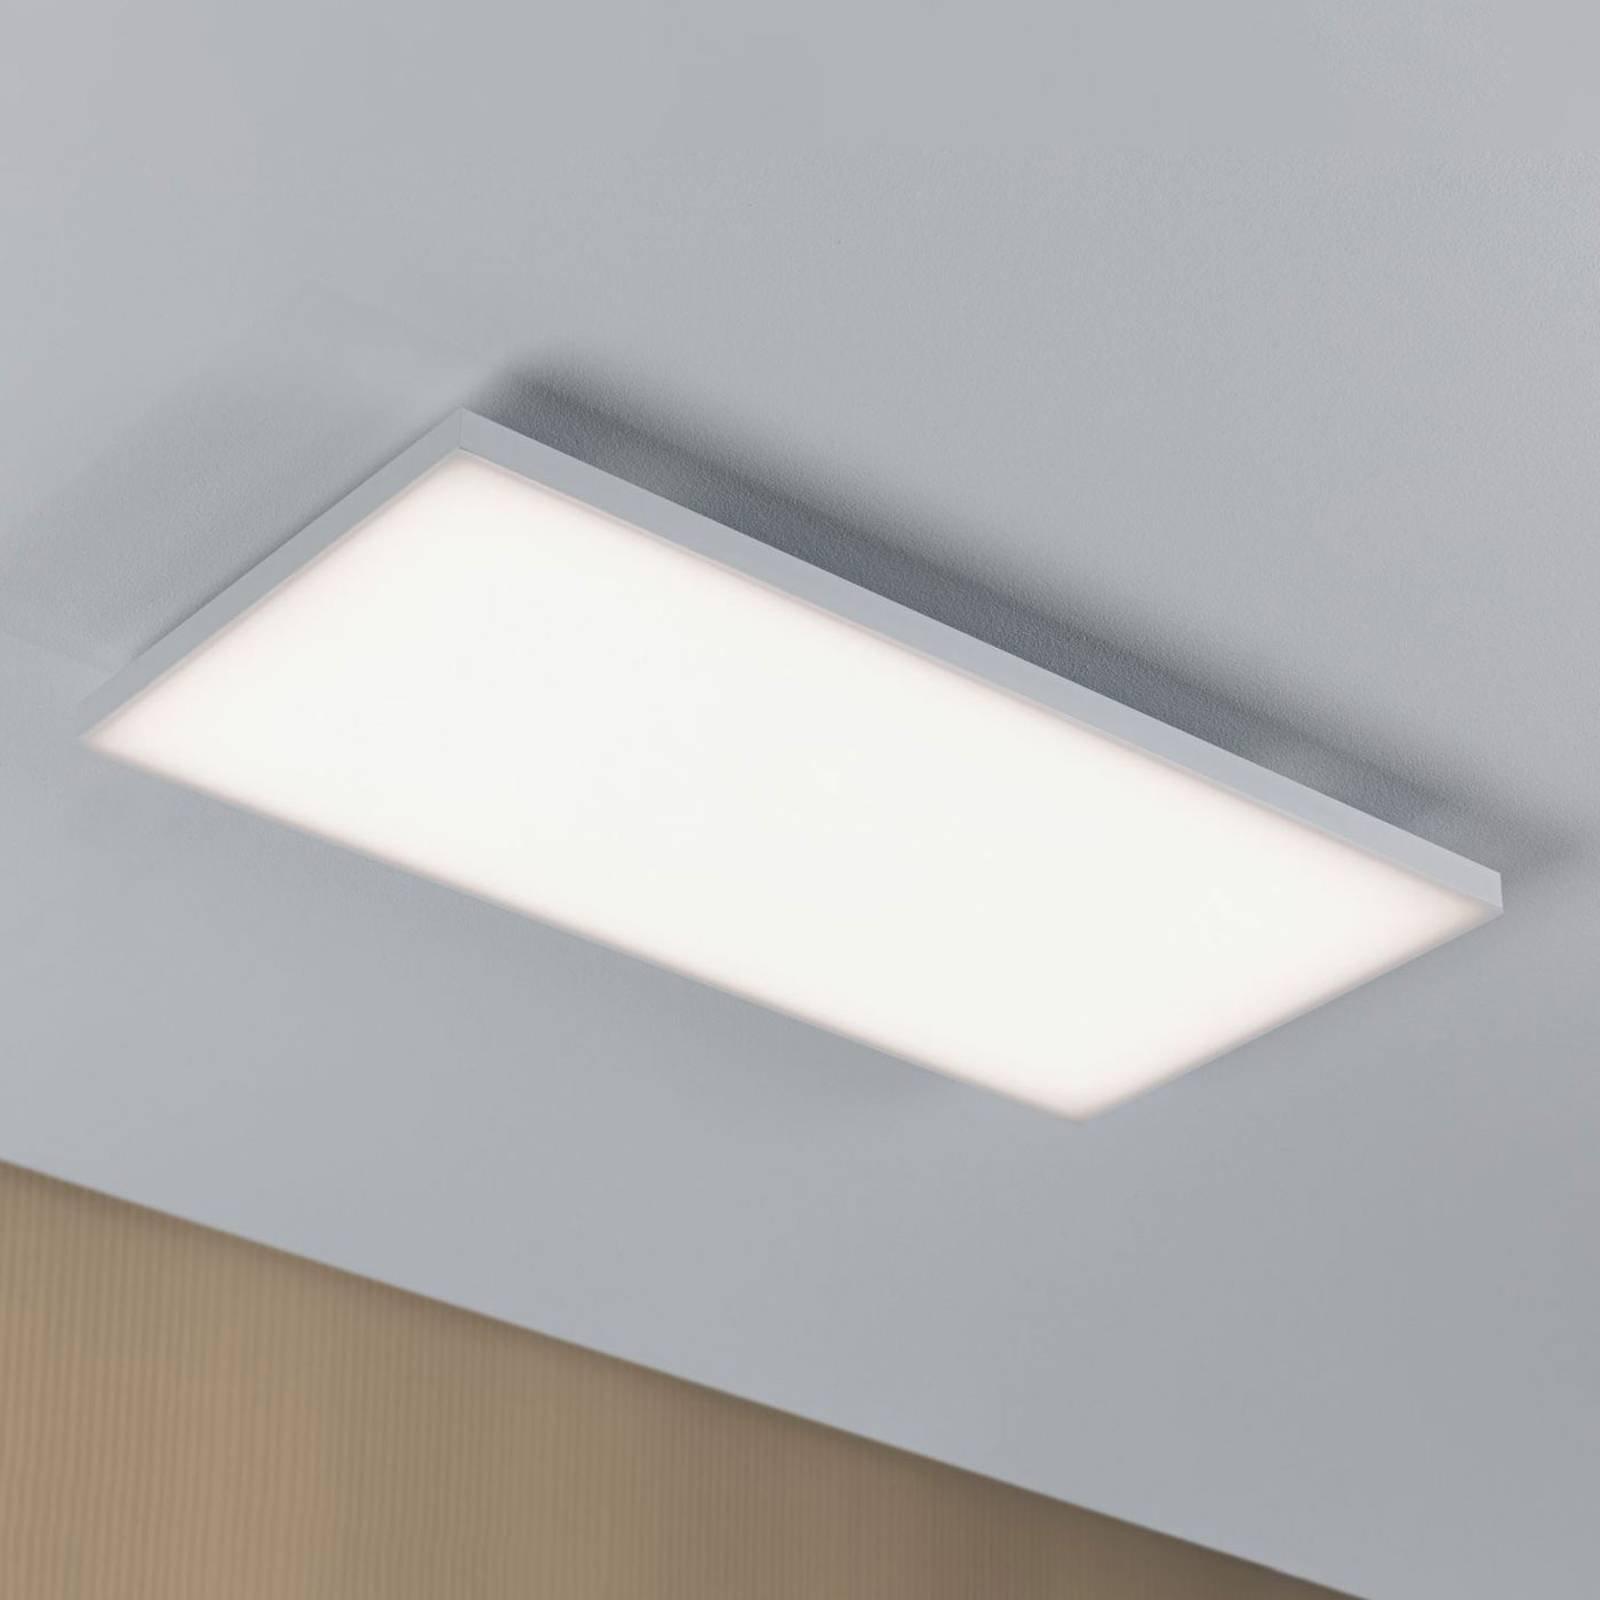 Paulmann Velora LED-taklampe, 29,5 cm x 59,5 cm